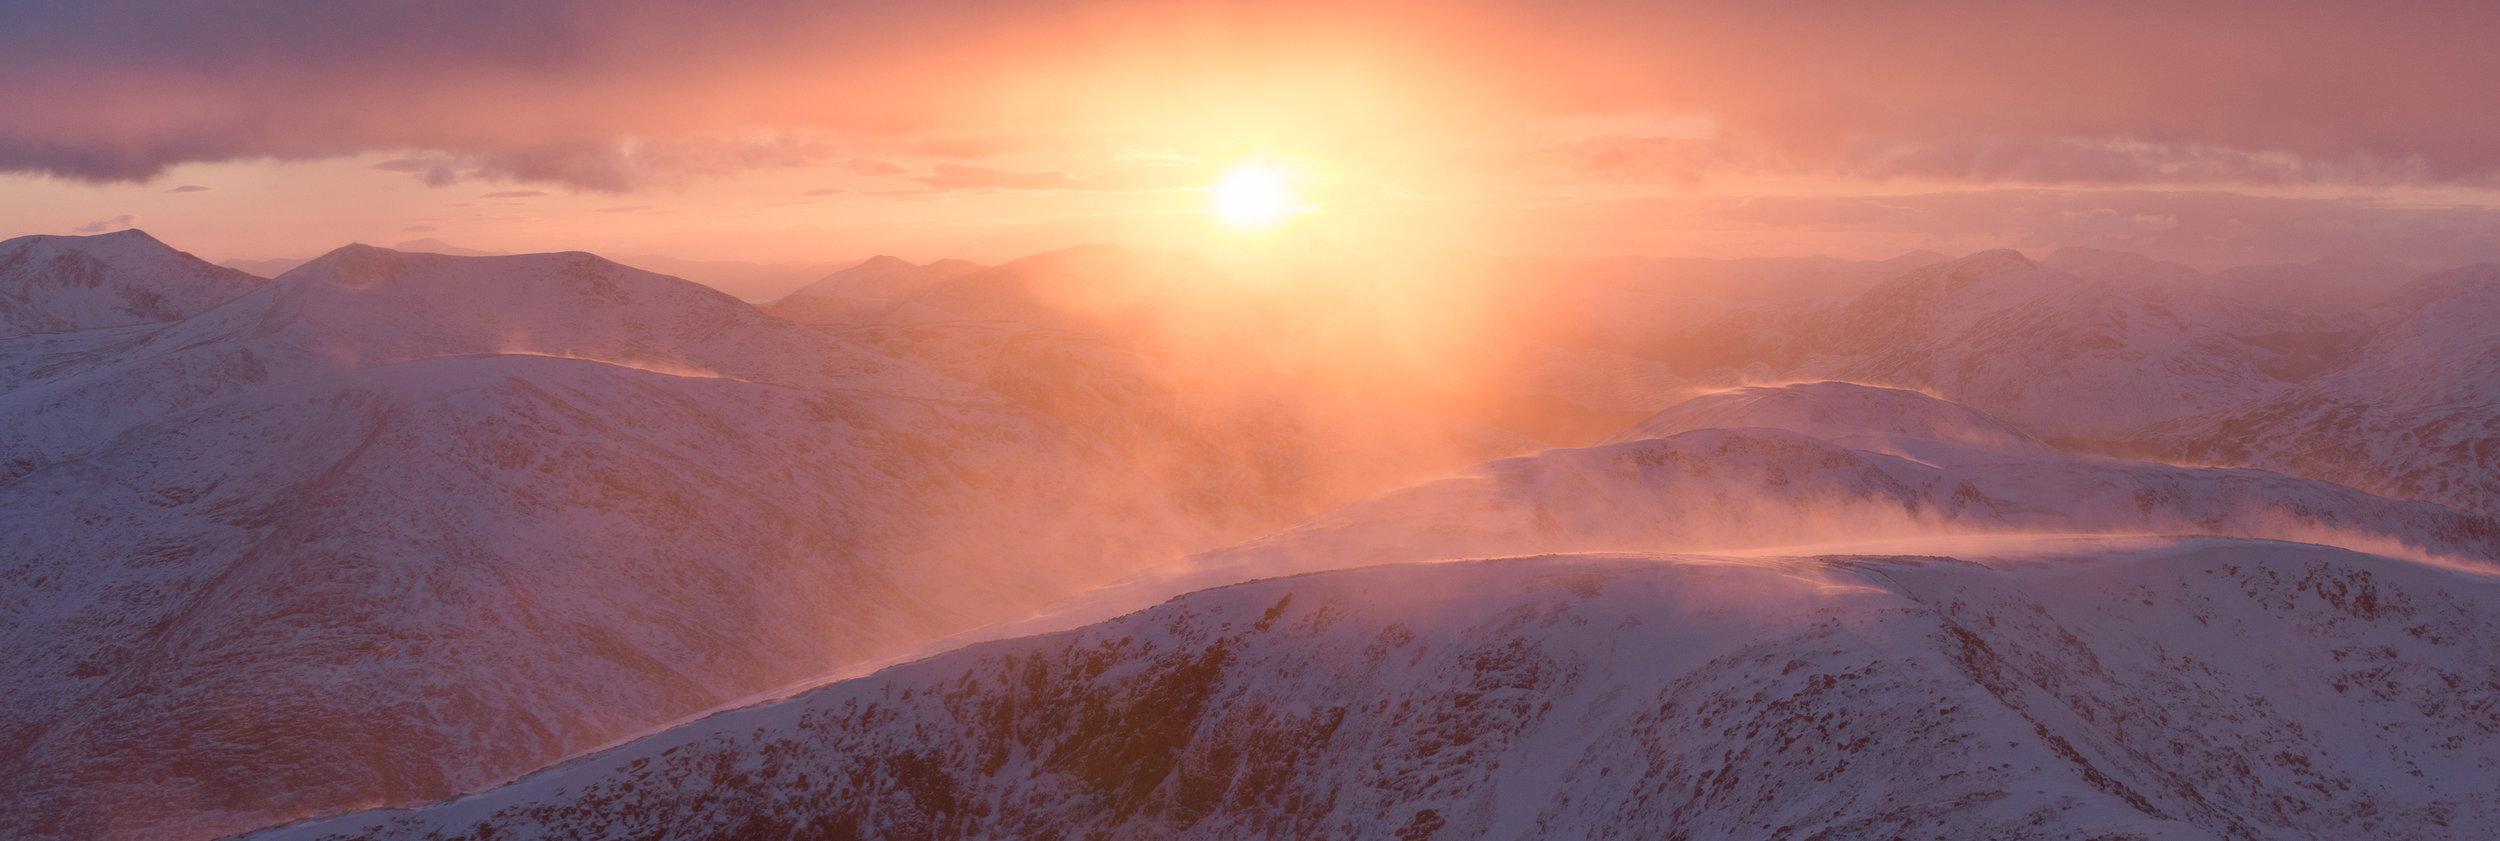 Stob Ghabhar sunset.jpg